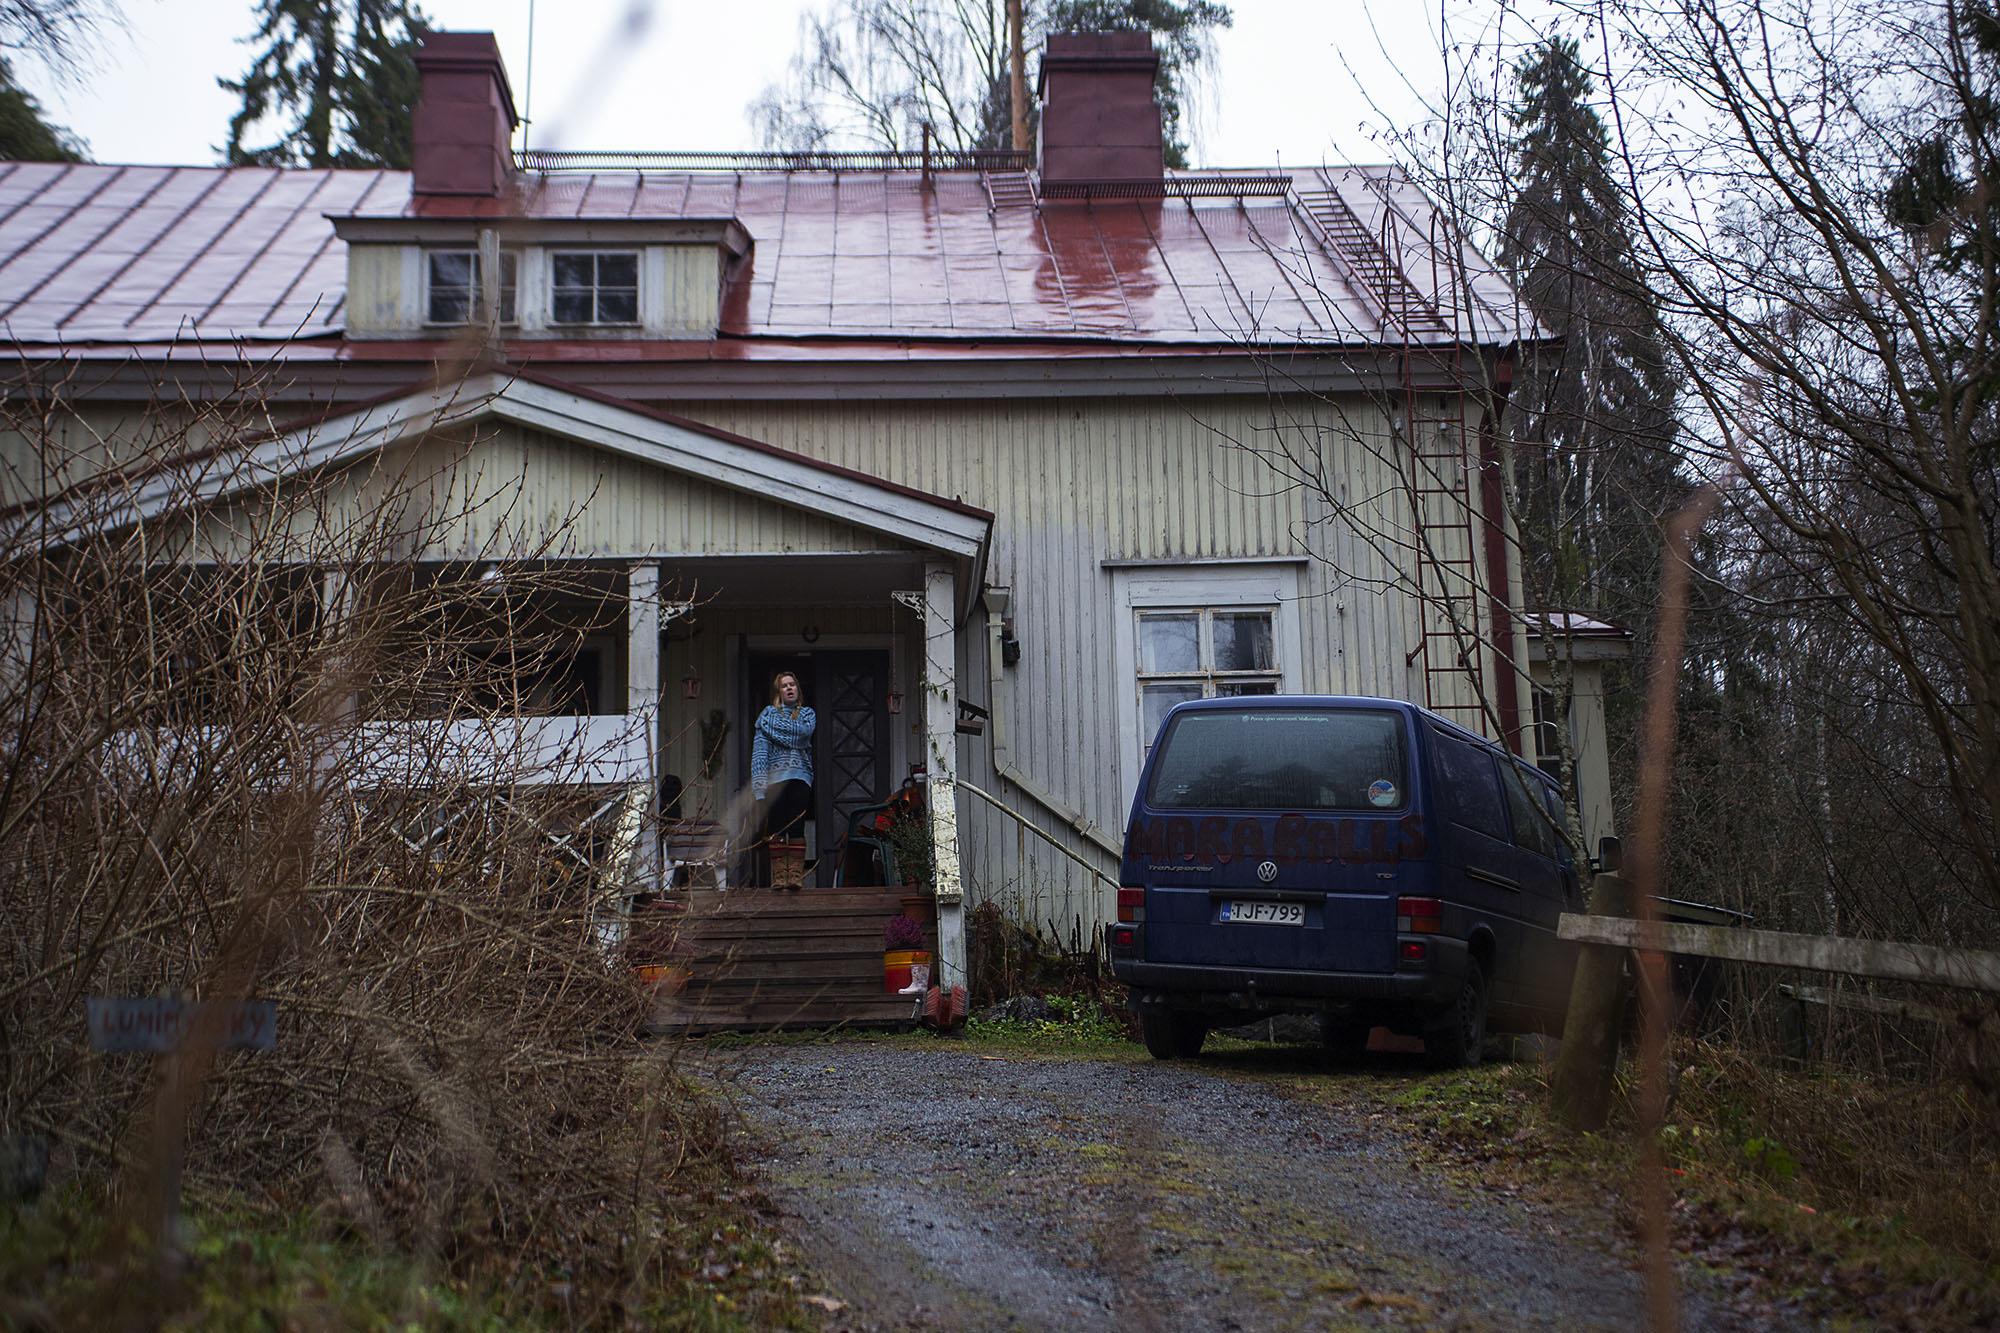 Vanha talo harmaassa syysmaisemassa, nainen haukottelee portailla. Talon edessä pakettiauto parkissa.